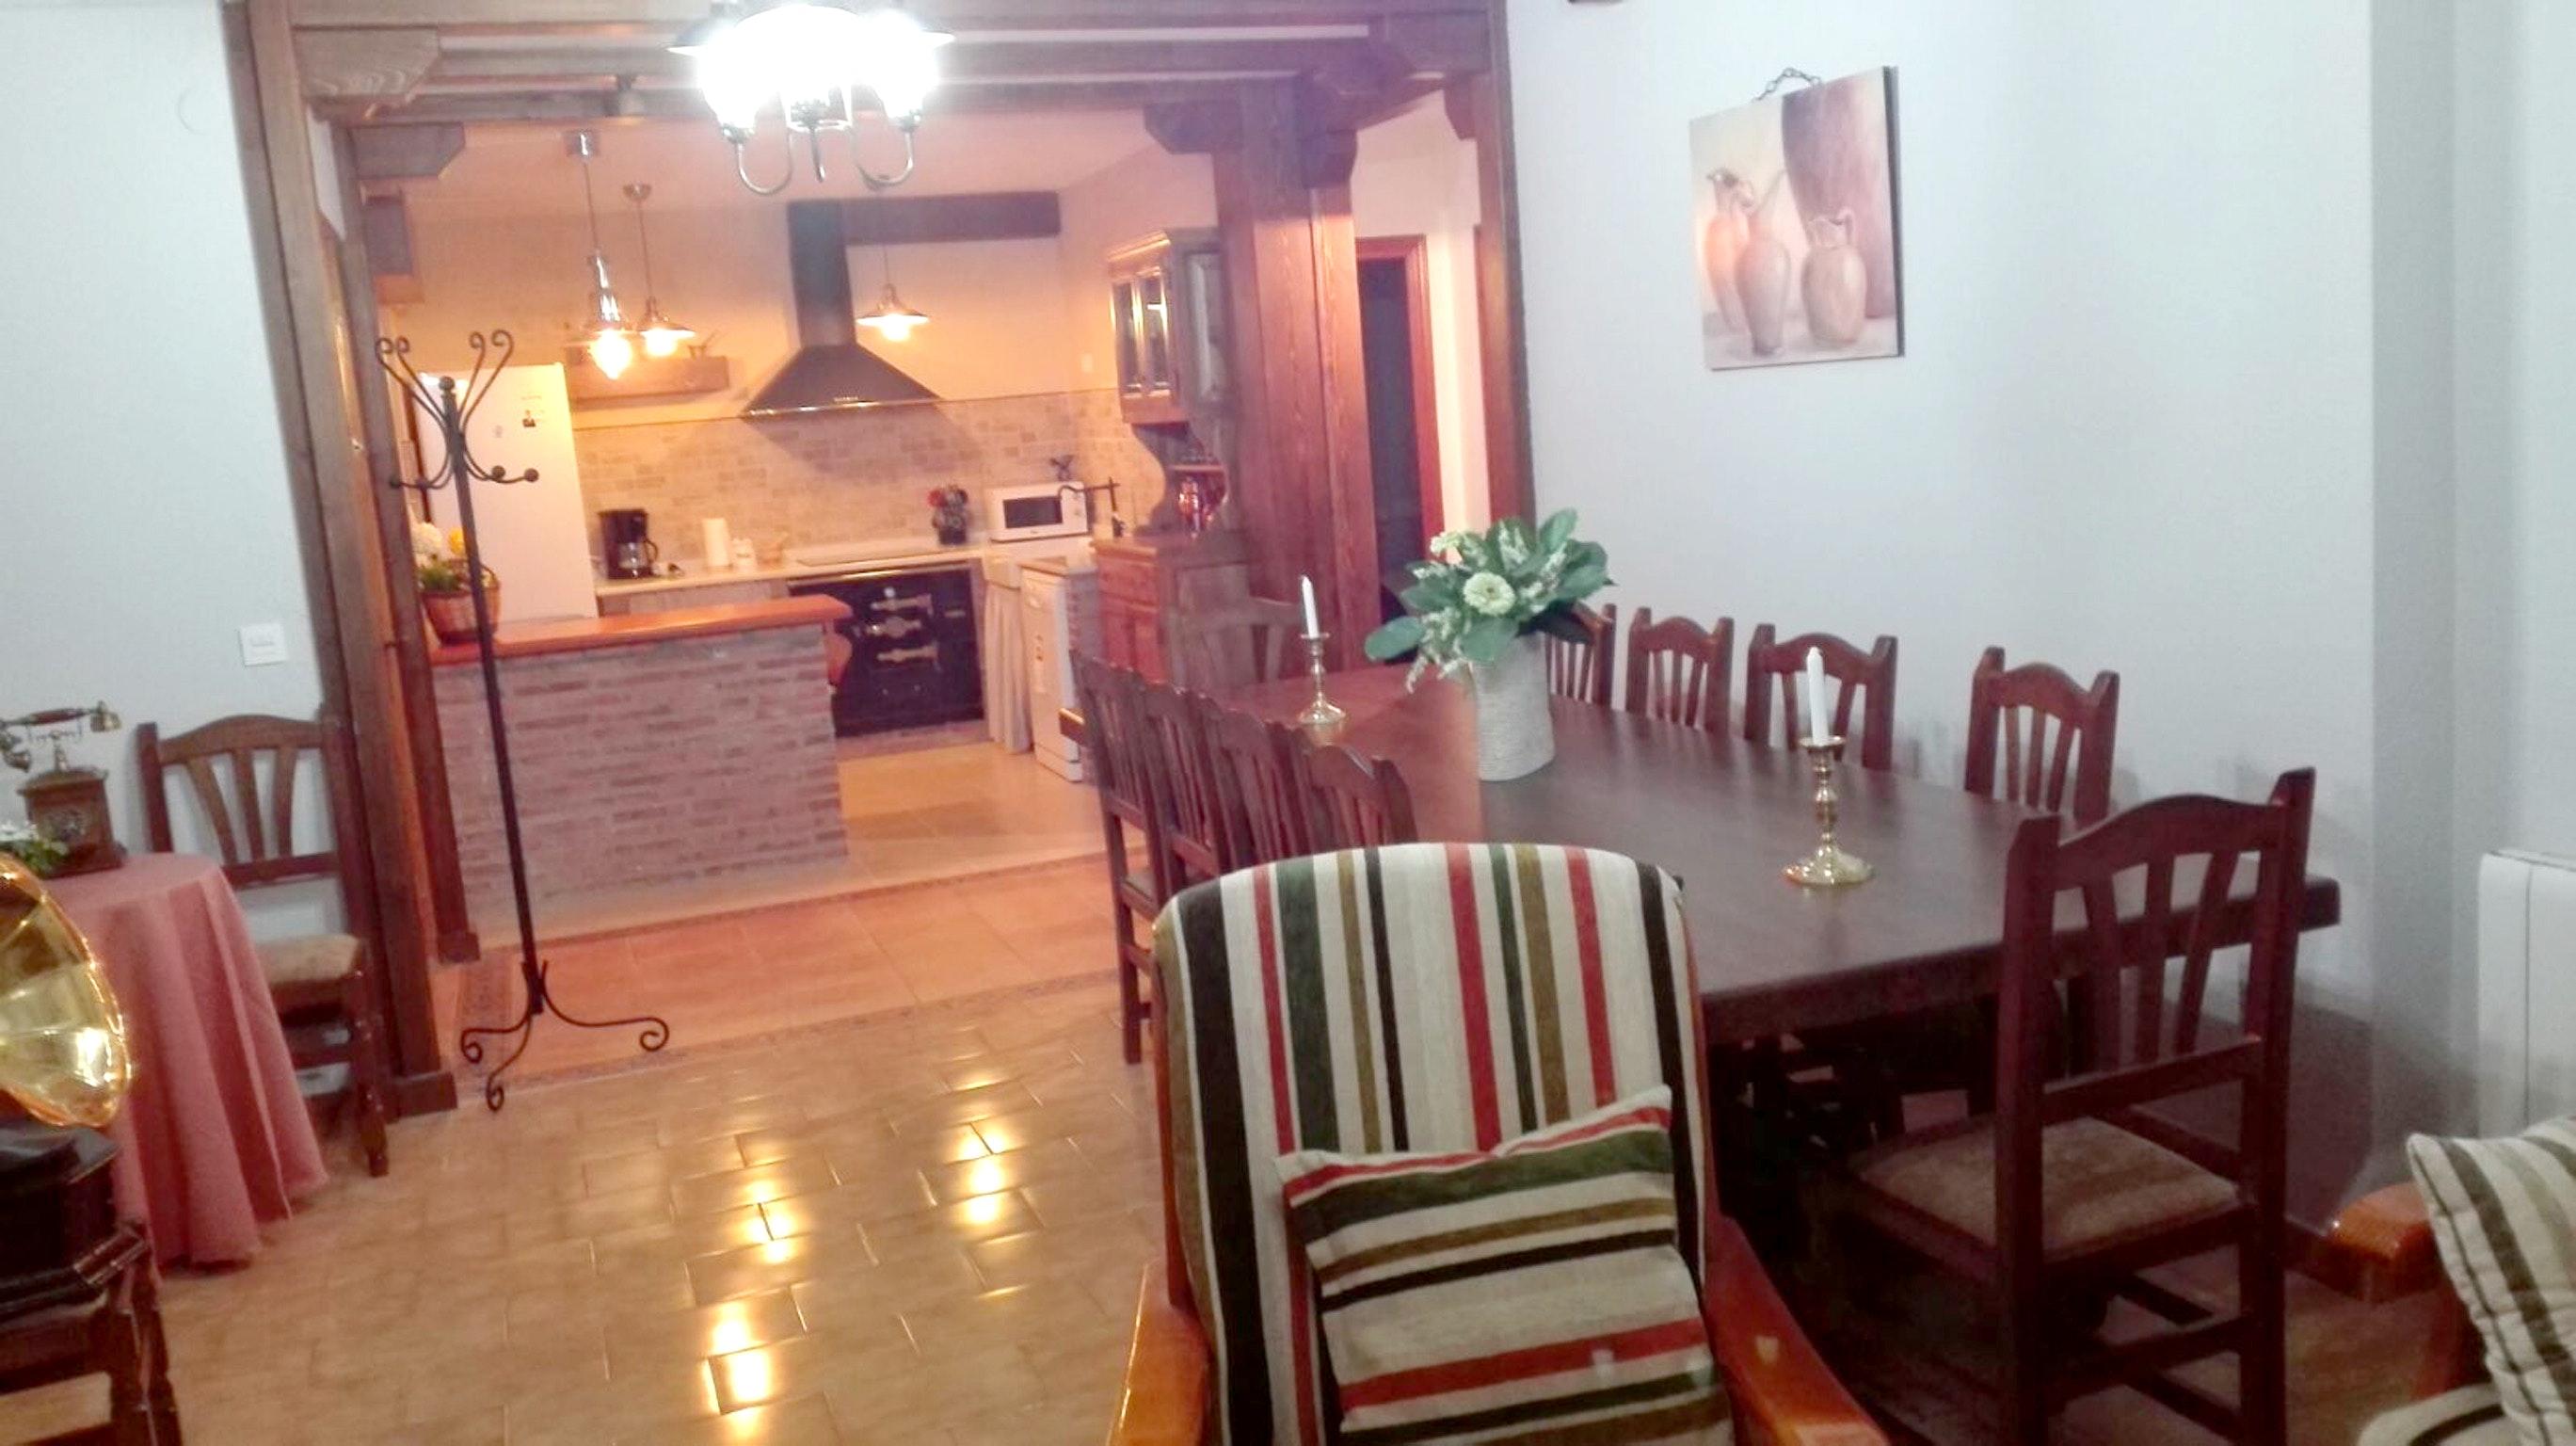 Ferienhaus Haus mit 3 Schlafzimmern in Peral de Arlanza mit eingezäuntem Garten (2201640), Peral de Arlanza, Palencia, Kastilien-León, Spanien, Bild 2